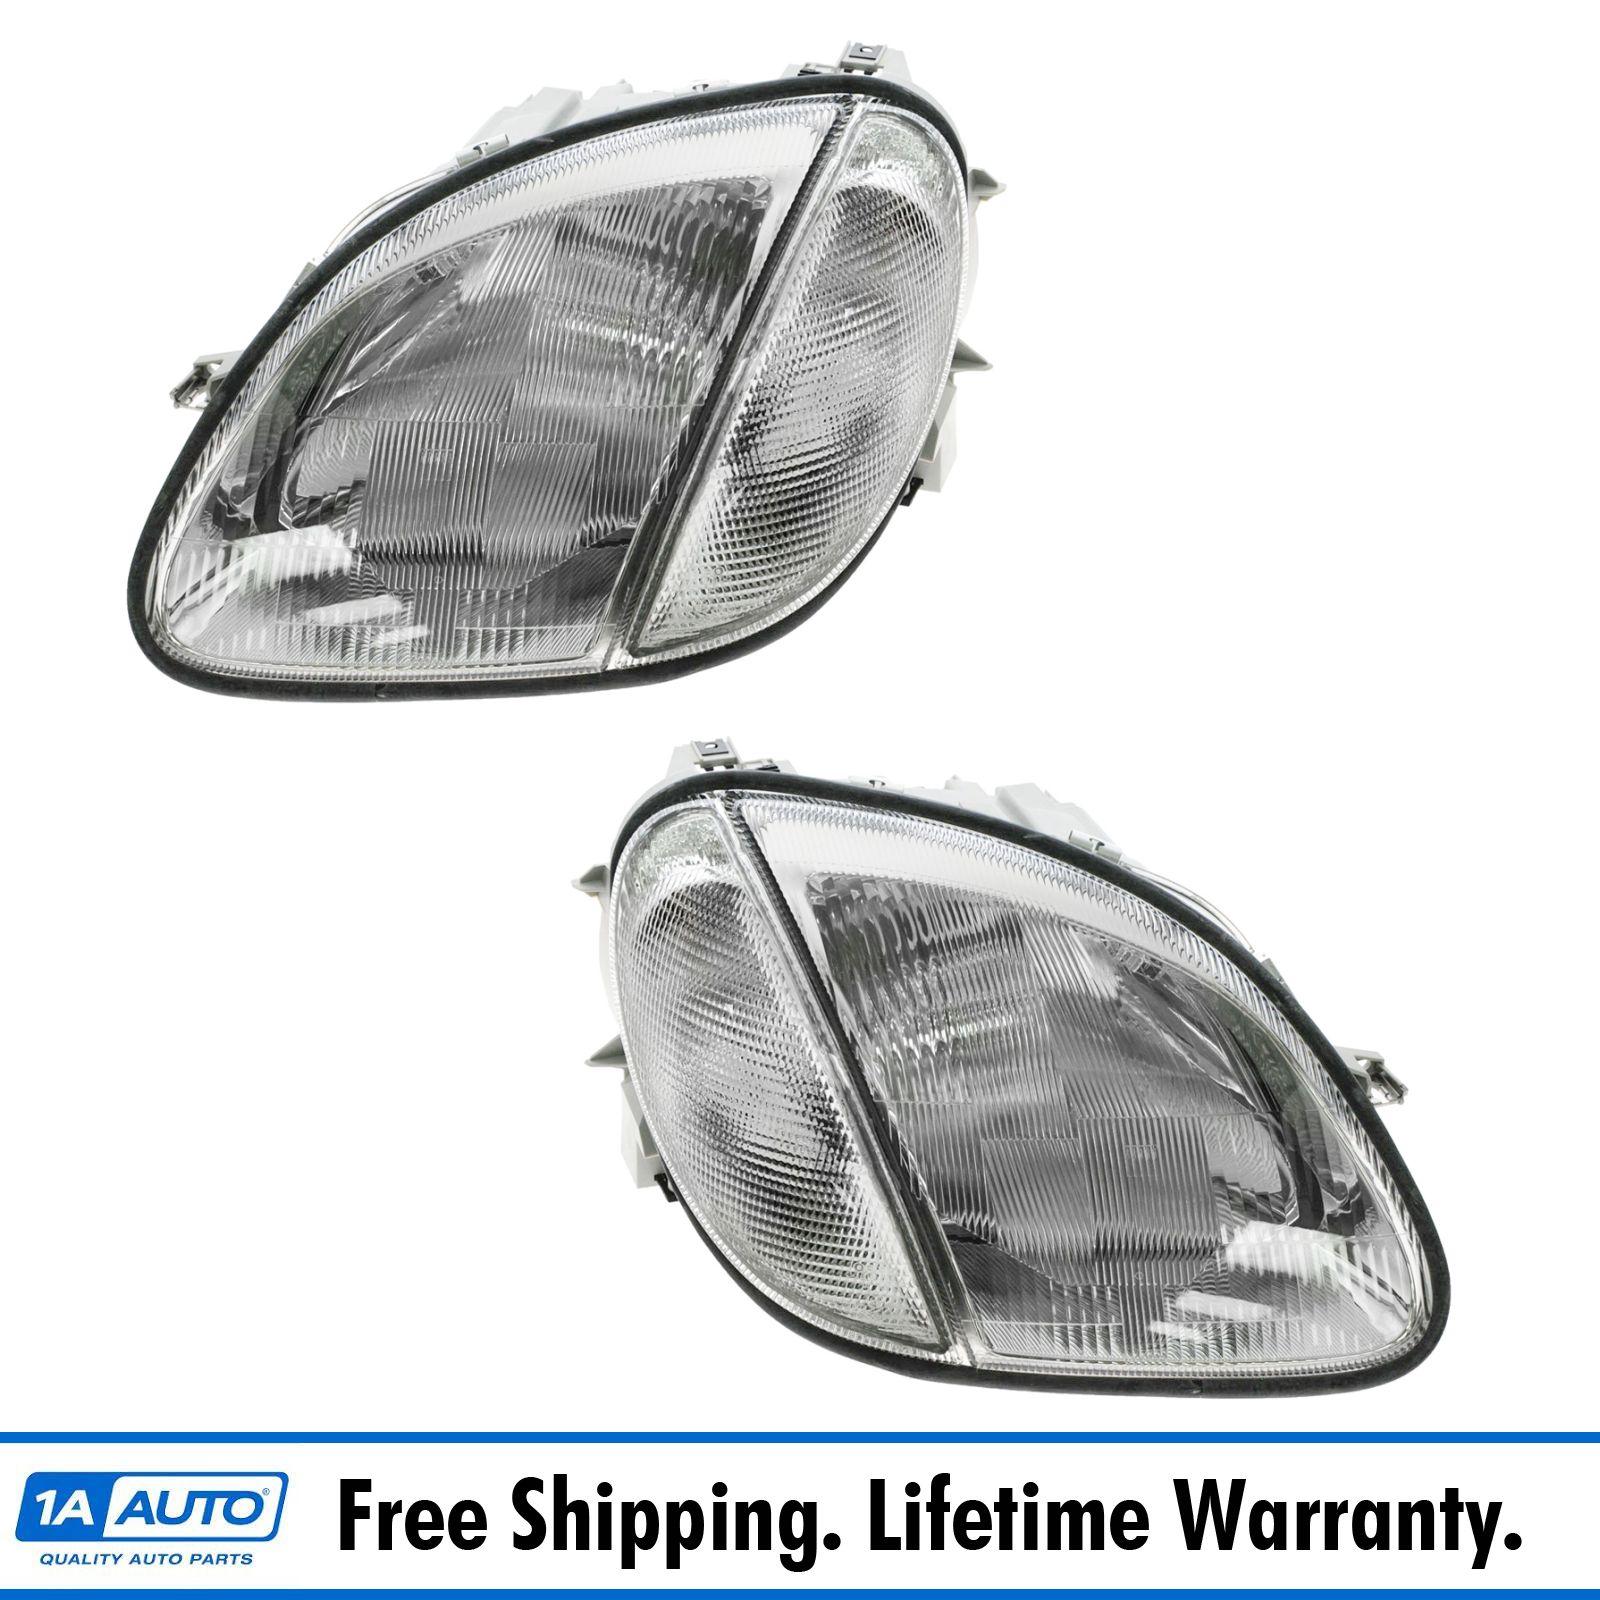 Headlight For Mercedes Benz Slk230 Slk320 Slk32 Amg 191213278116 Ebay Slk 32 2002 Fuse Diagram